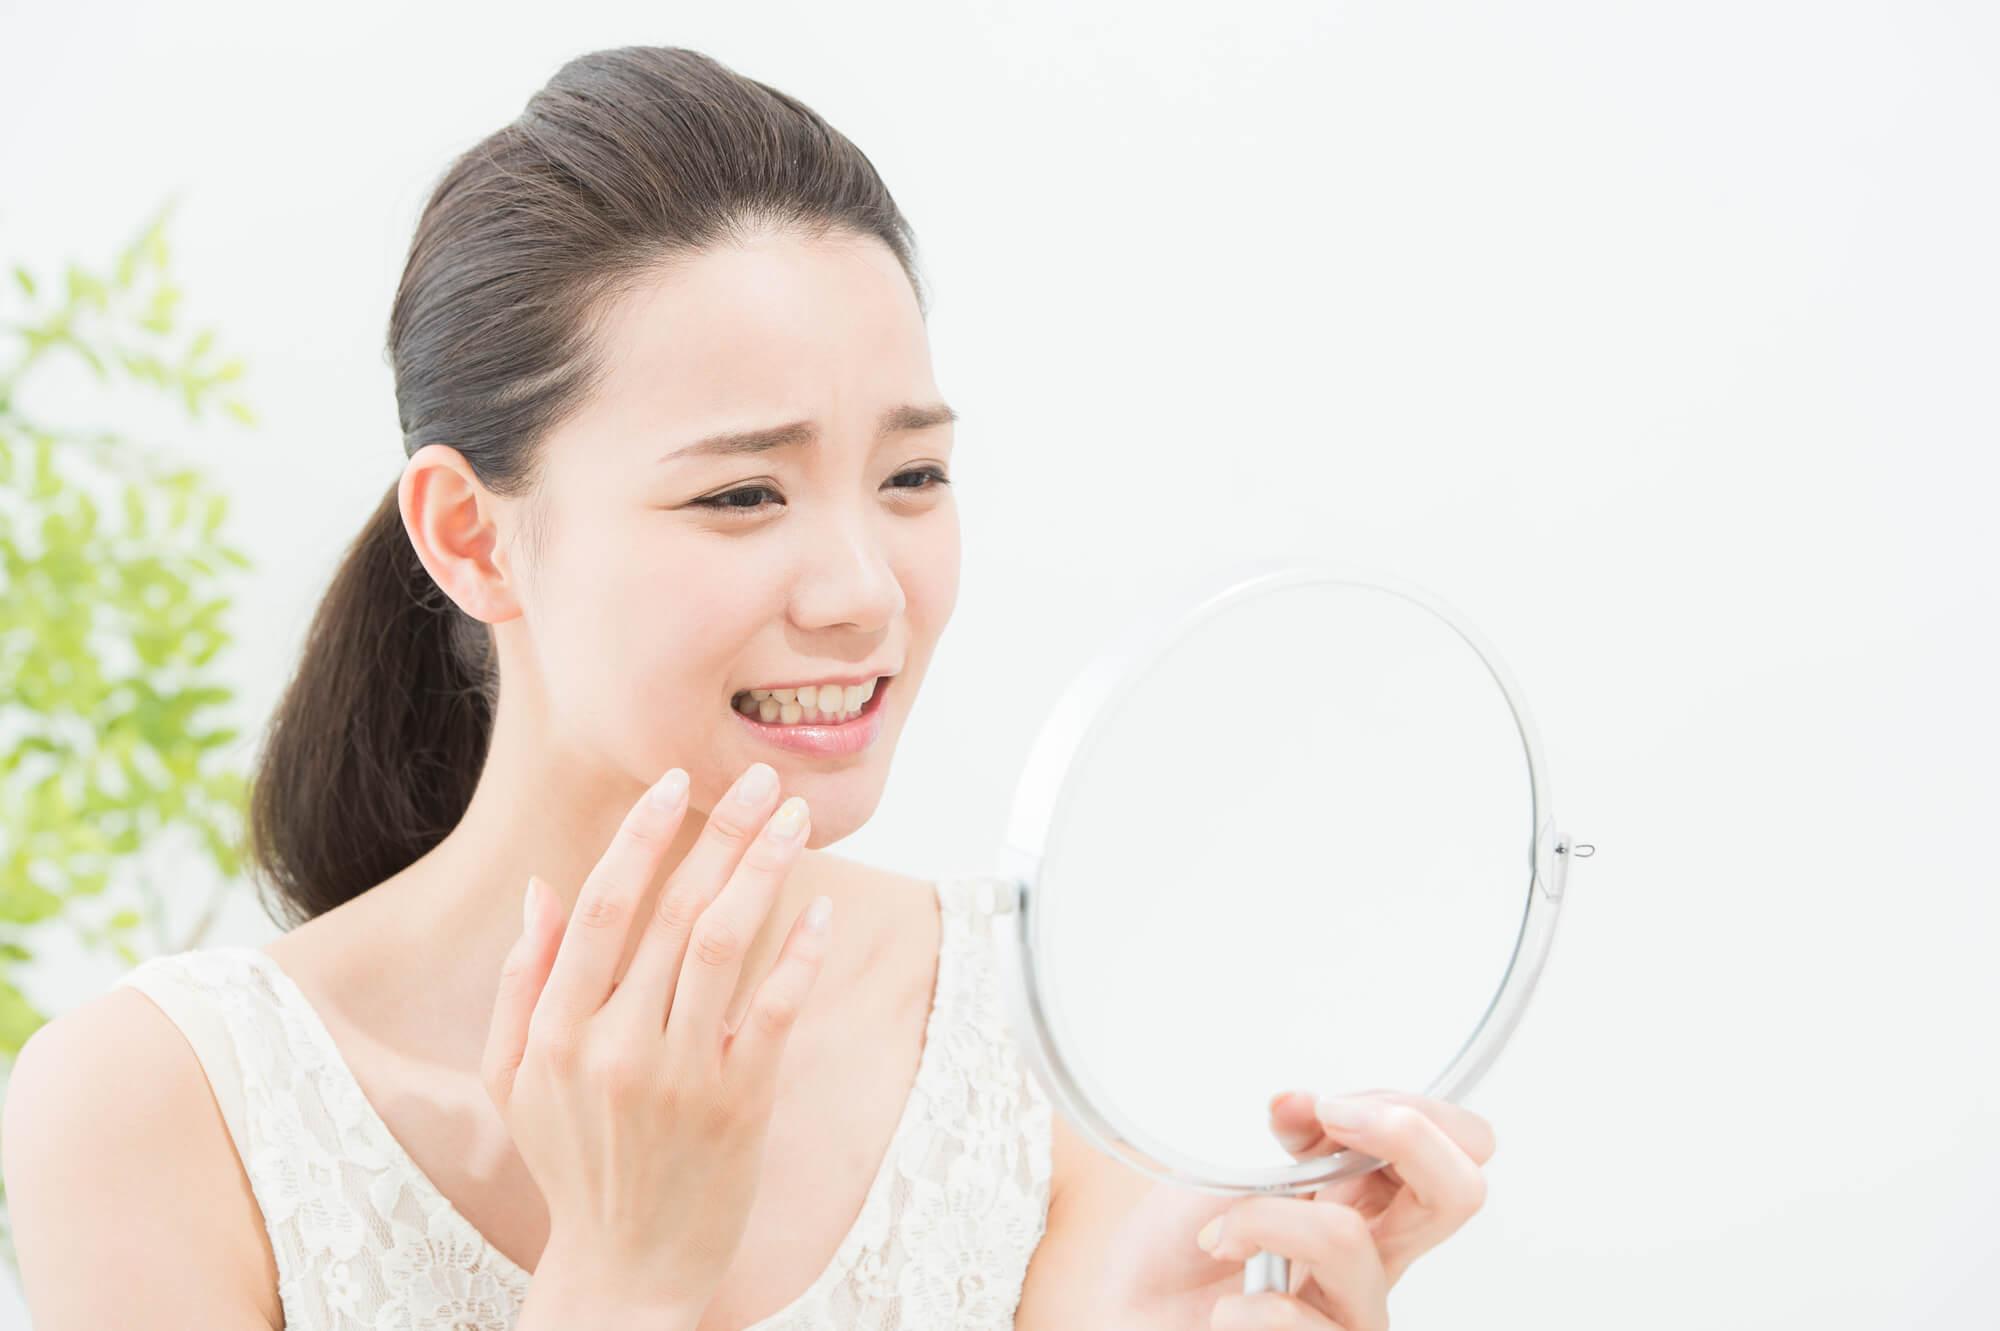 上顎 洞 癌 症状